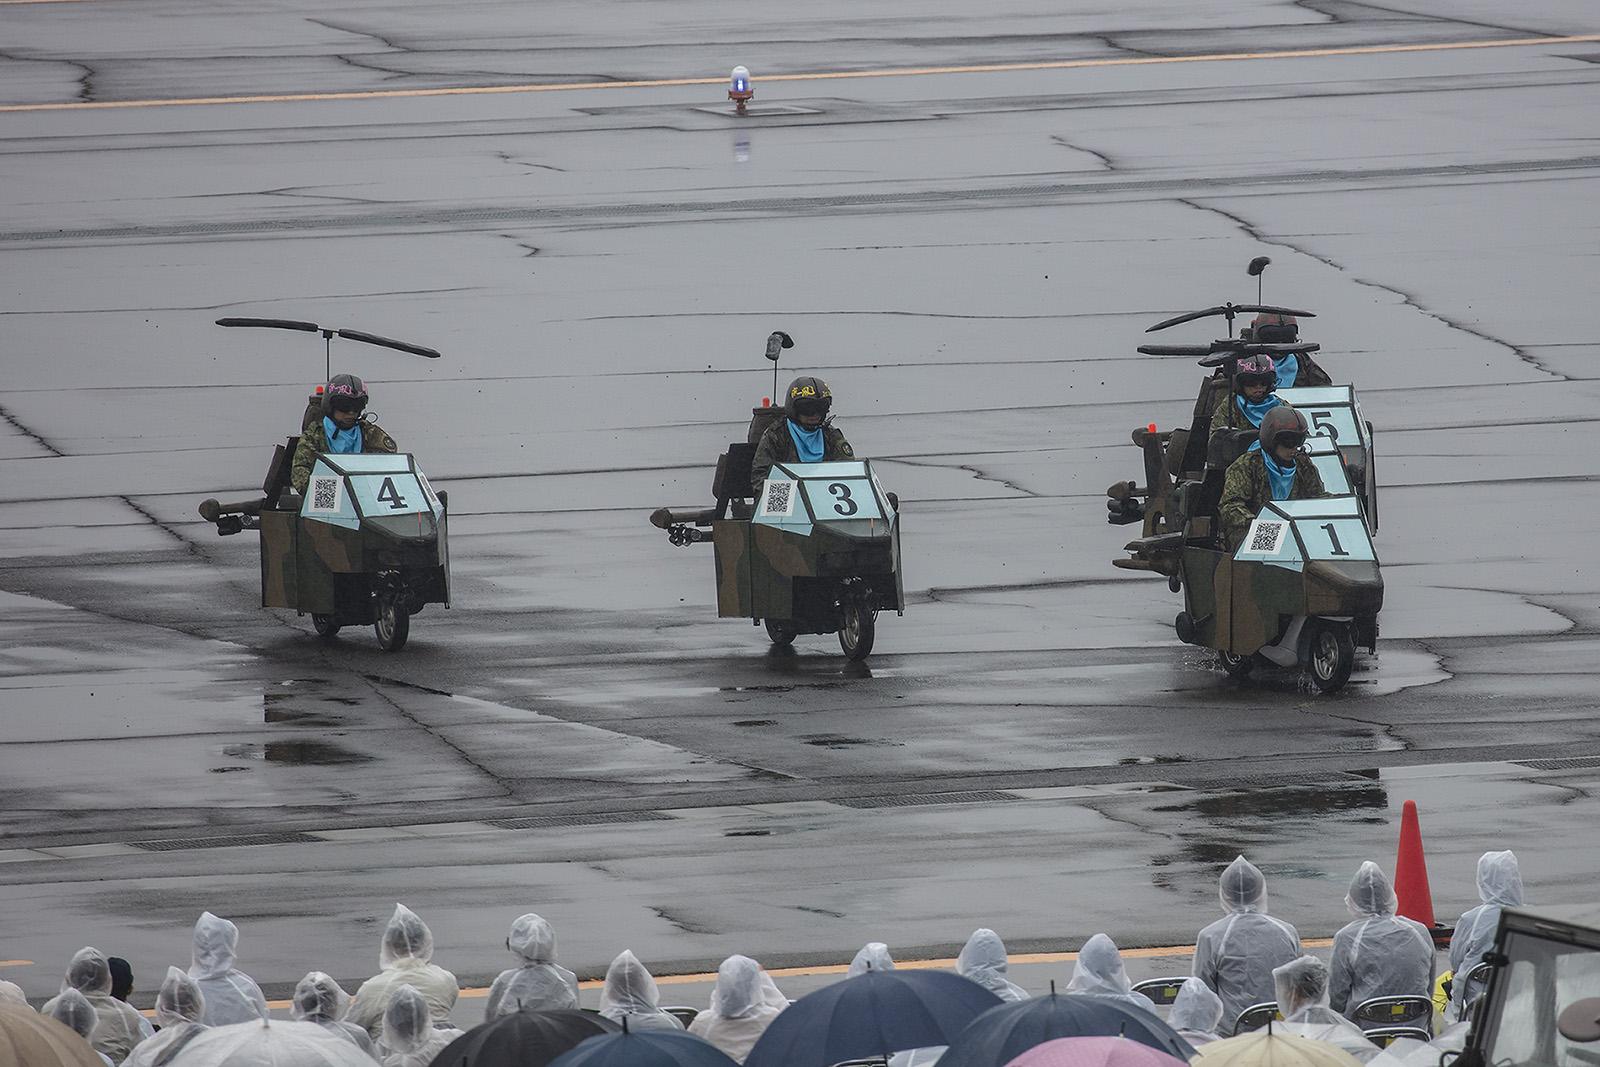 Alle waren begeistert von der Vorführung des Formationsfluges.